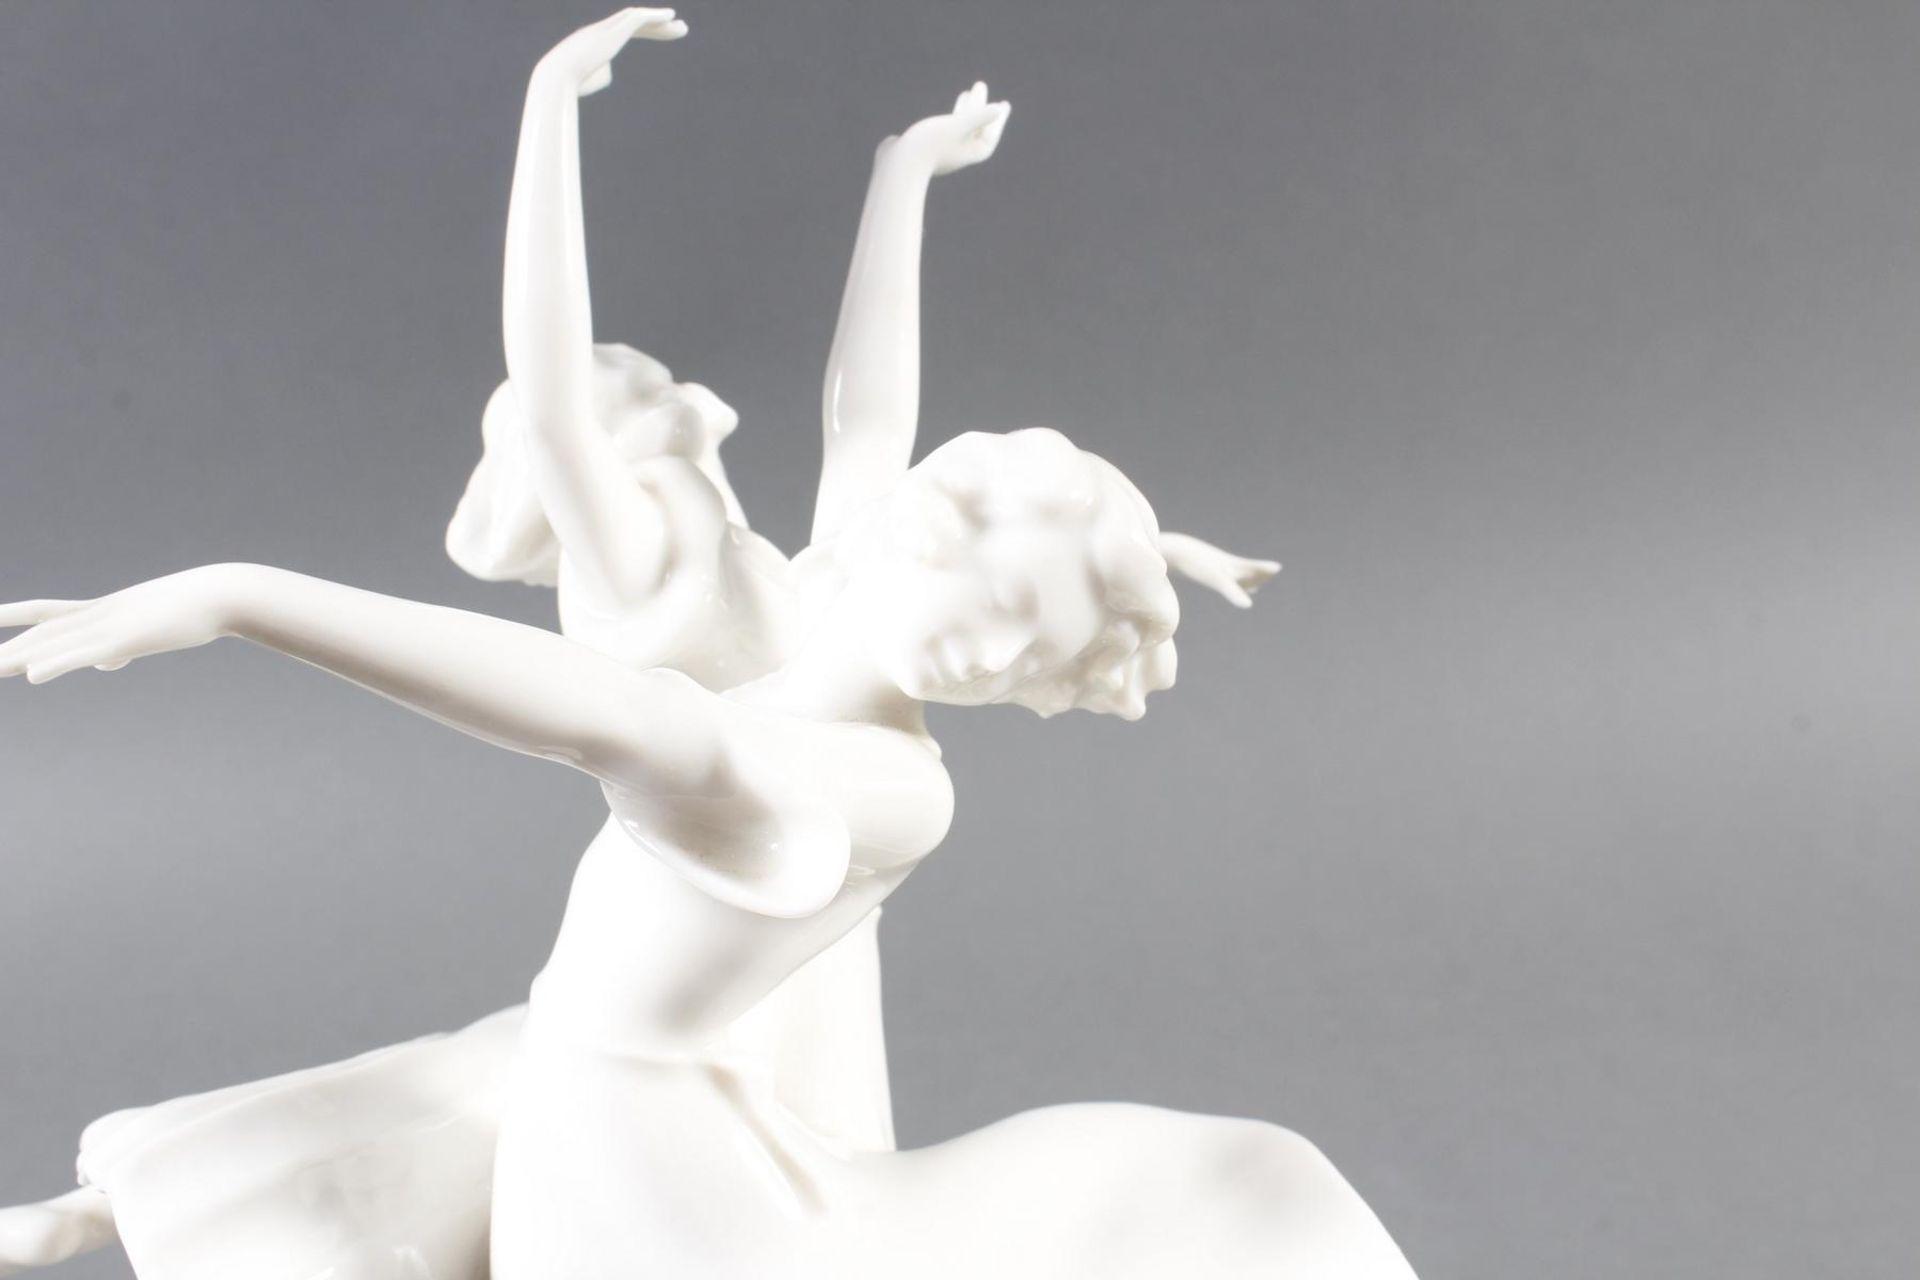 Hutschenreuther Porzellanskulptur Kunstabteilung, Reigen - Bild 4 aus 7